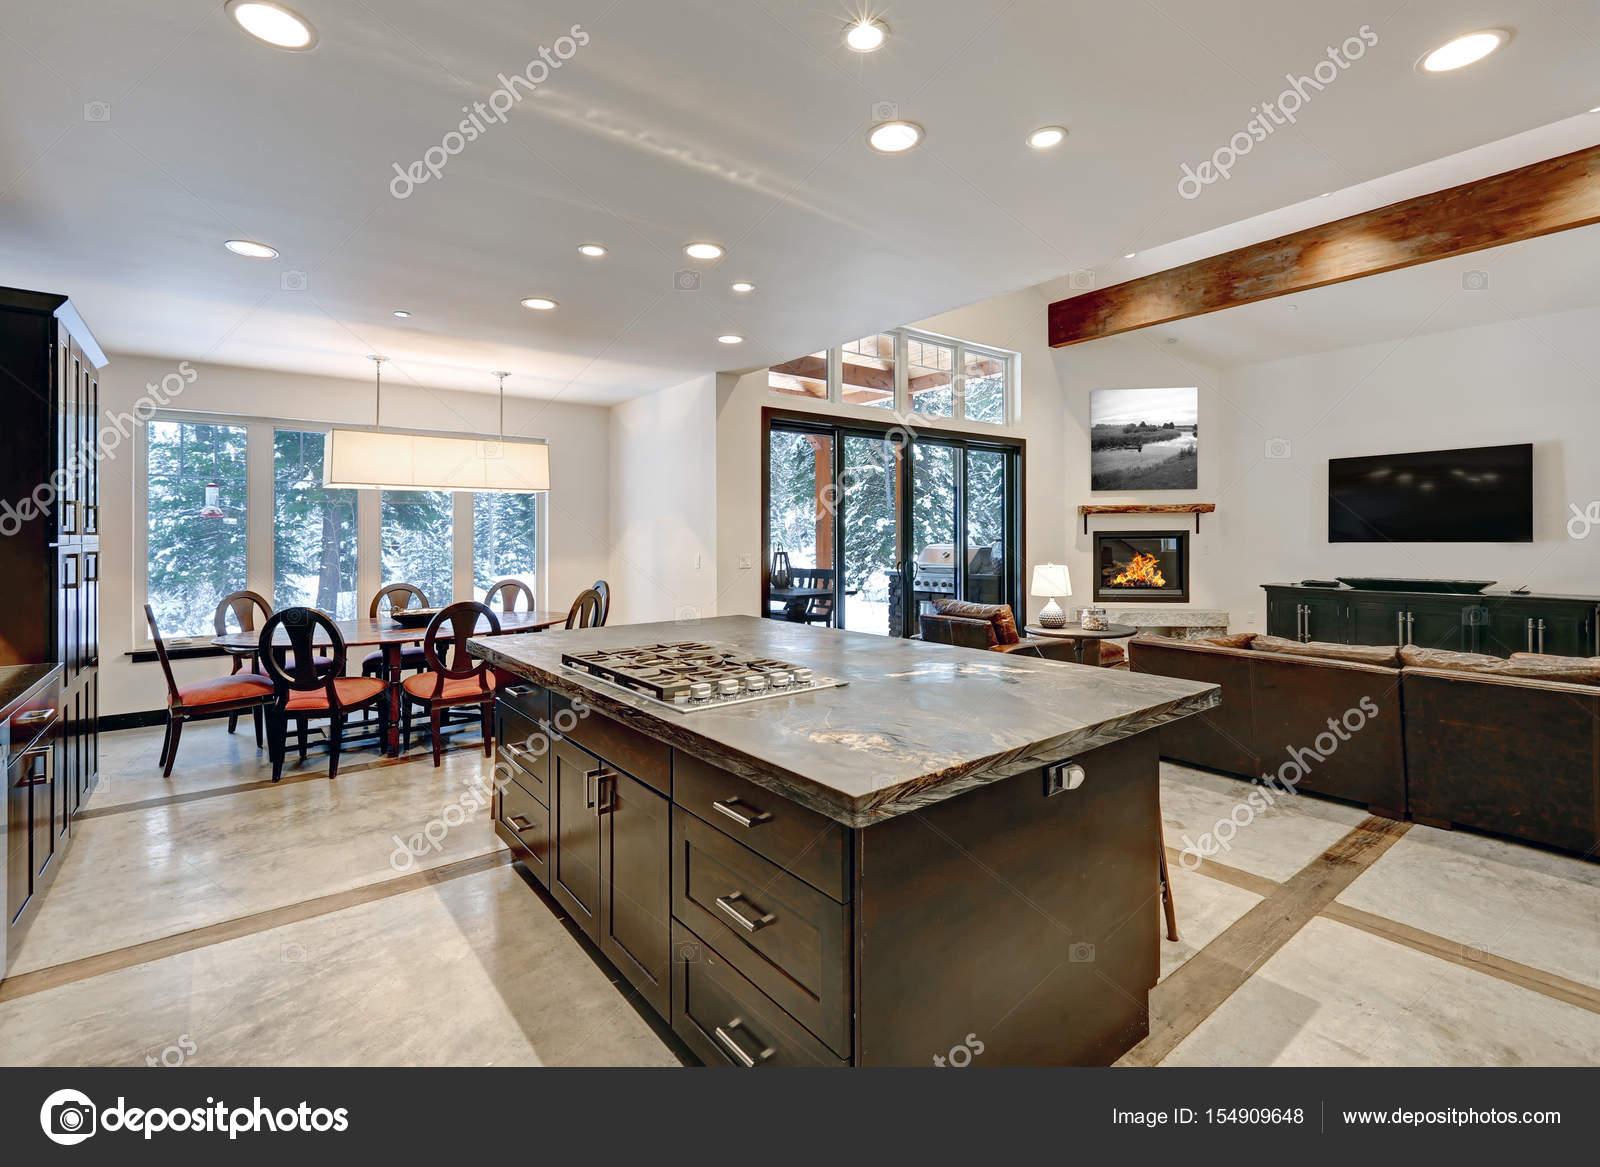 Moderne offene Küche Bodengestaltung in Grautönen — Stockfoto ...